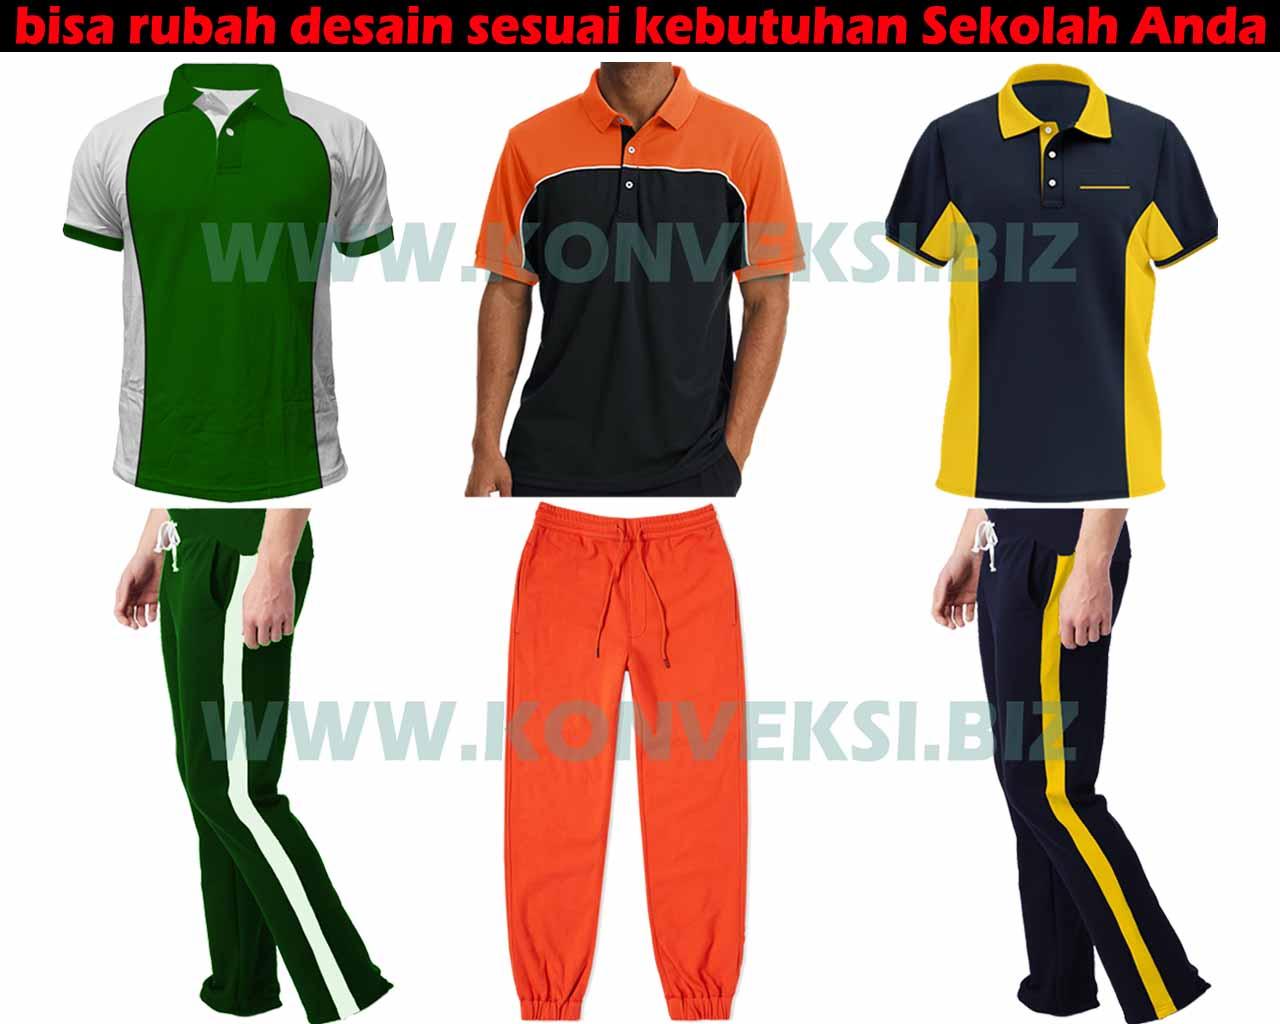 Baju Olahraga SMP Seragam Sekolah